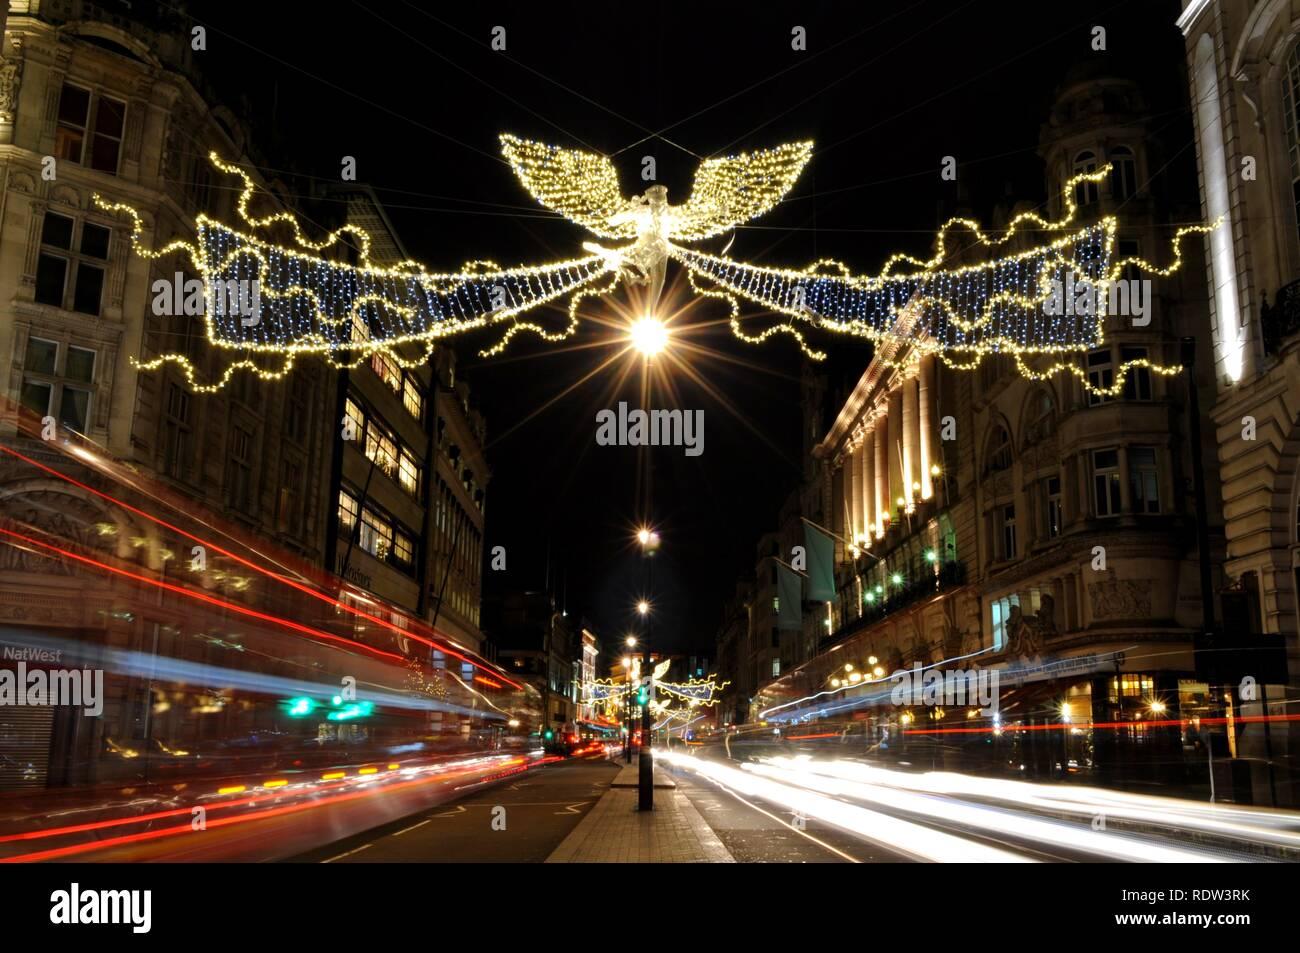 2017 Natale Luce display su Piccadilly, creato da James Glancy Design Ltd, Londra, Regno Unito. Foto Stock